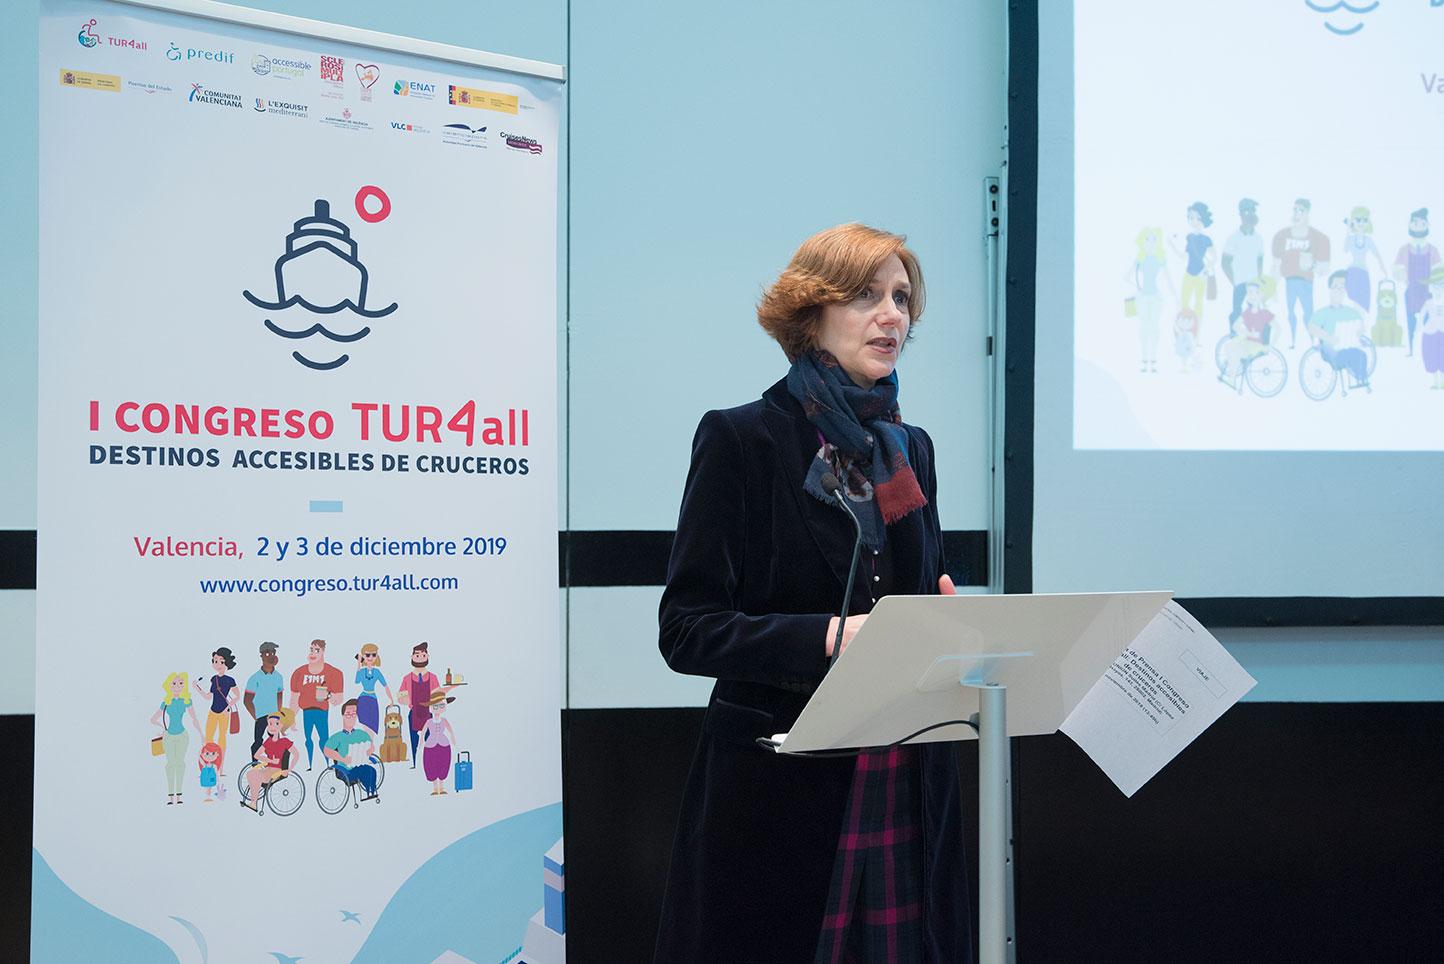 Donya-Isabel-Oliver-Sagreras-Secretaria-Estado-de-Turismo- Presentacion-Congreso-Madrid-en-Noviembre